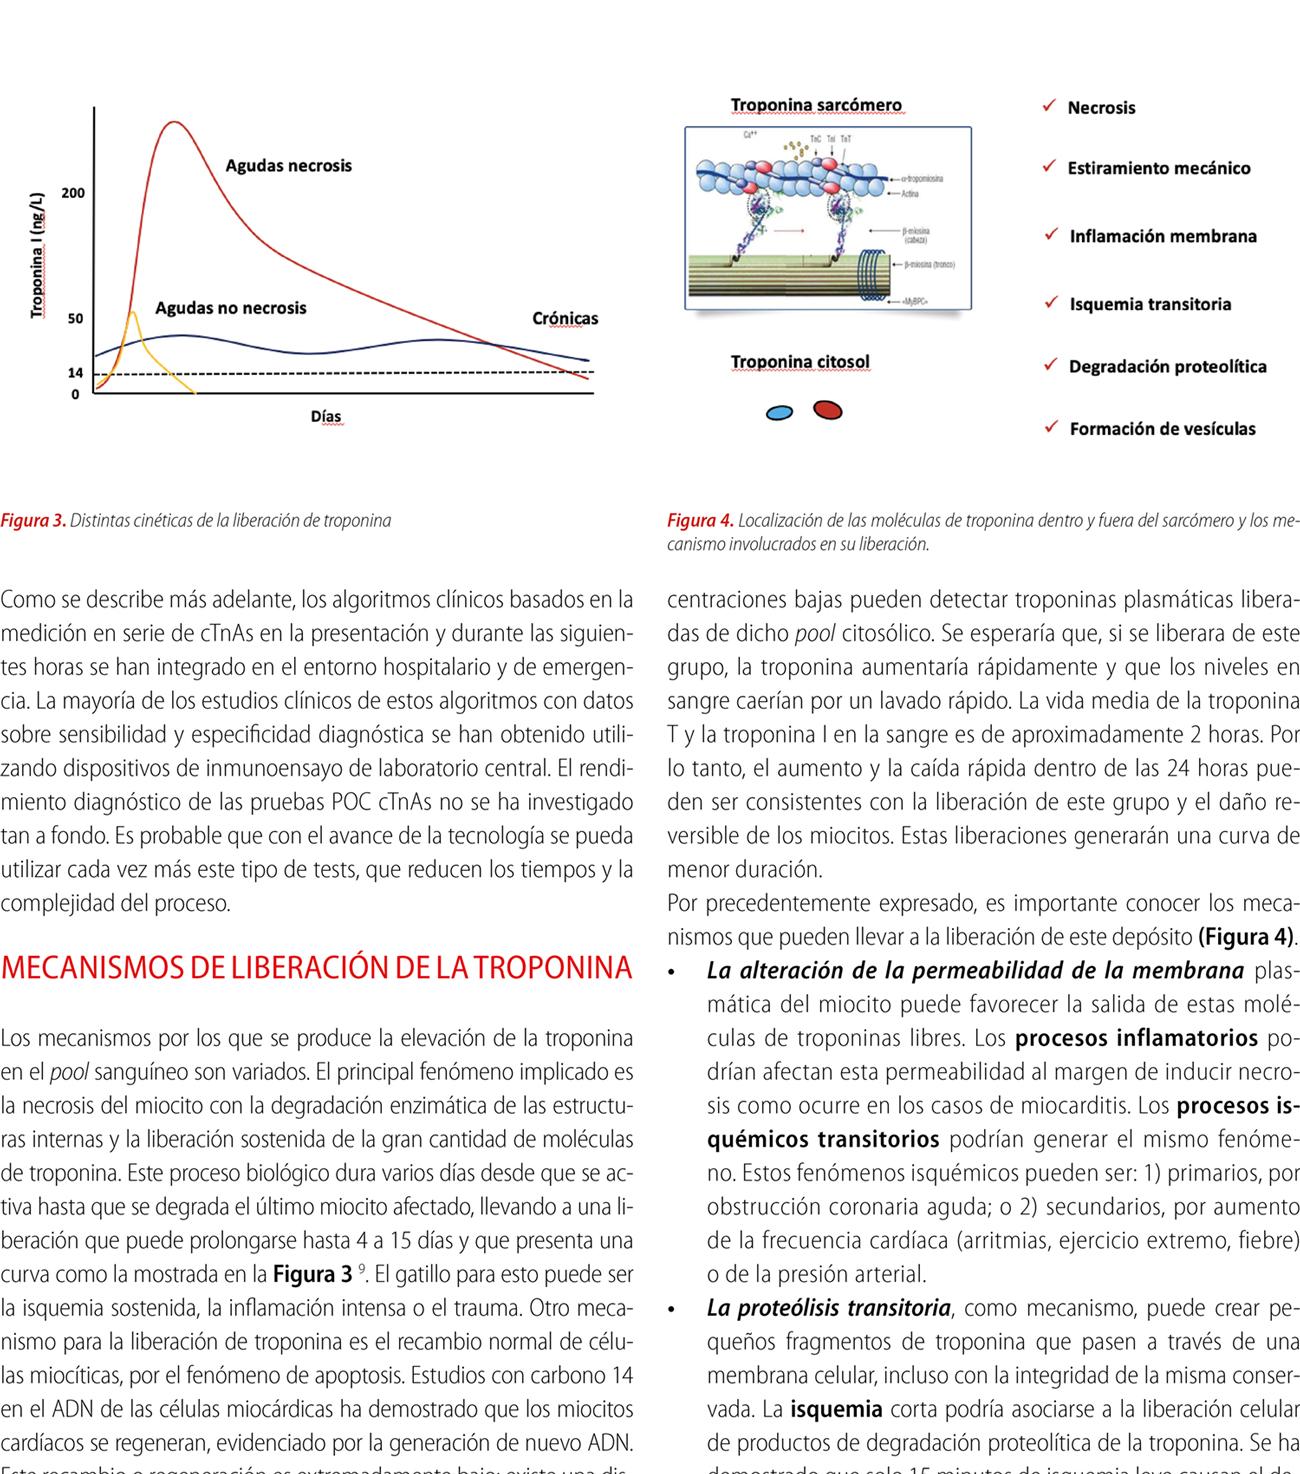 Utilidad de la troponina de alta sensibilidad para la valoración del dolor torácico